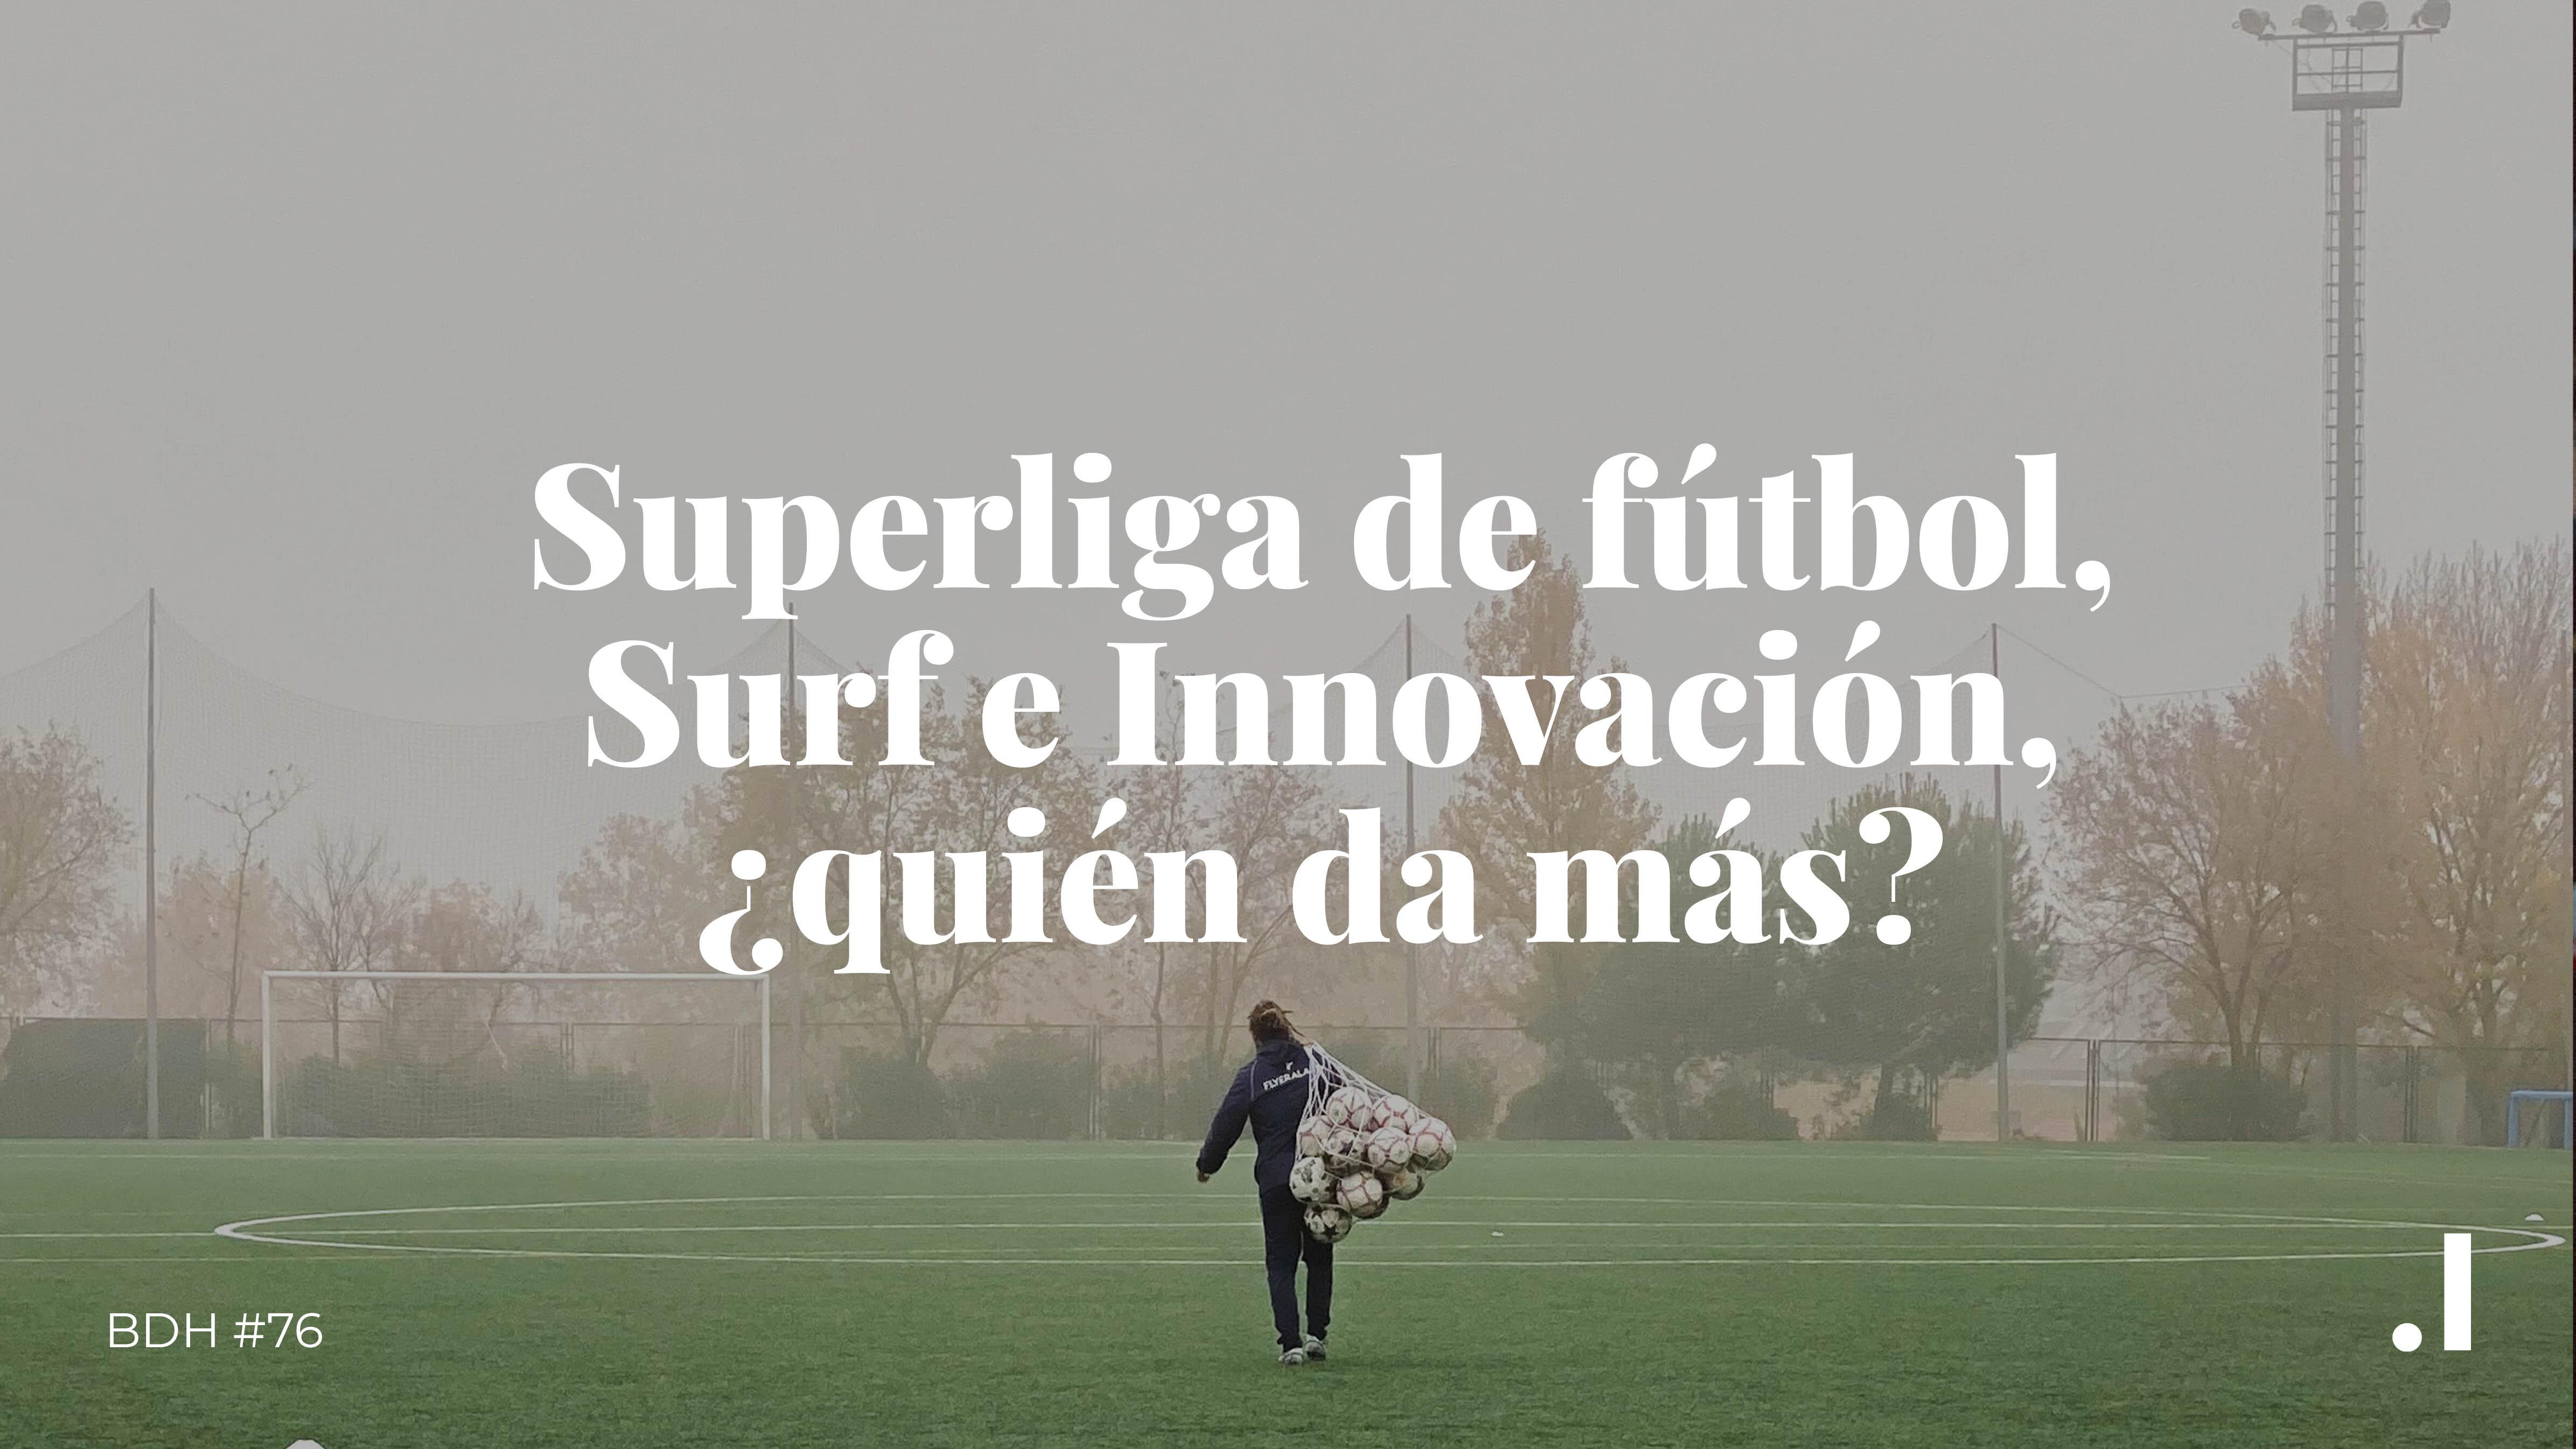 Superliga de fútbol, Surf e Innovación, ¿quién da más?